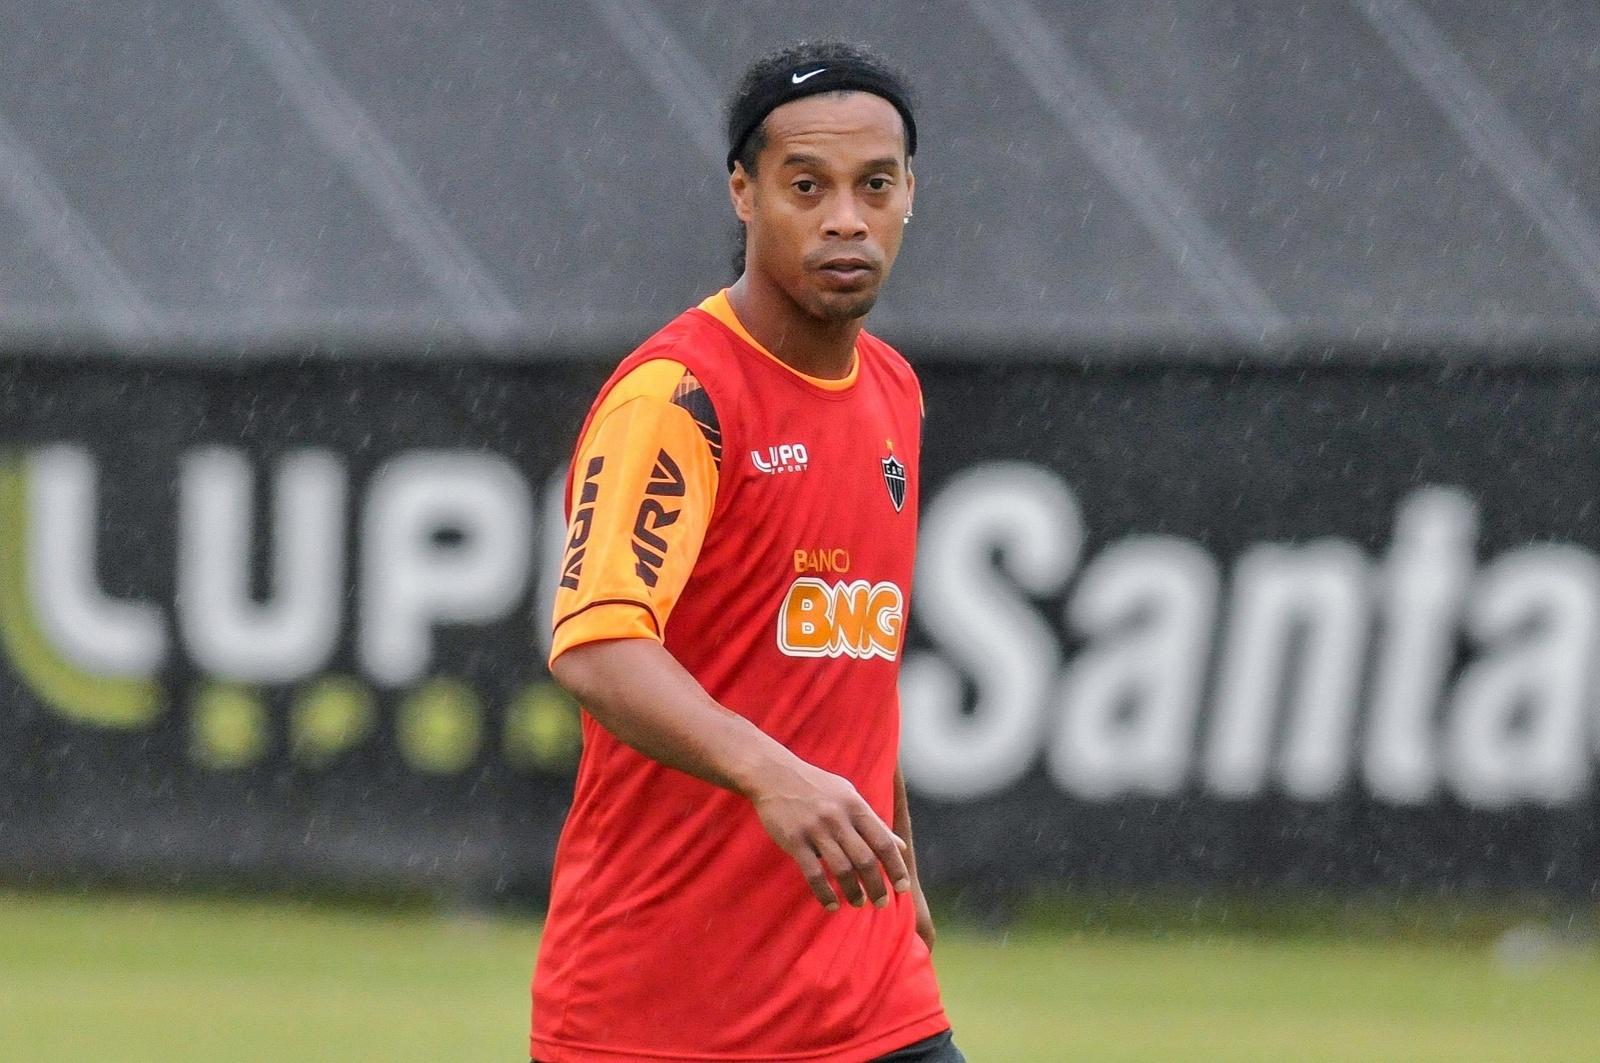 20 jan 2014 - Ronaldinho Gaúcho treina sob chuva em primeiro dia de pré-temporada na Cidade do Galo